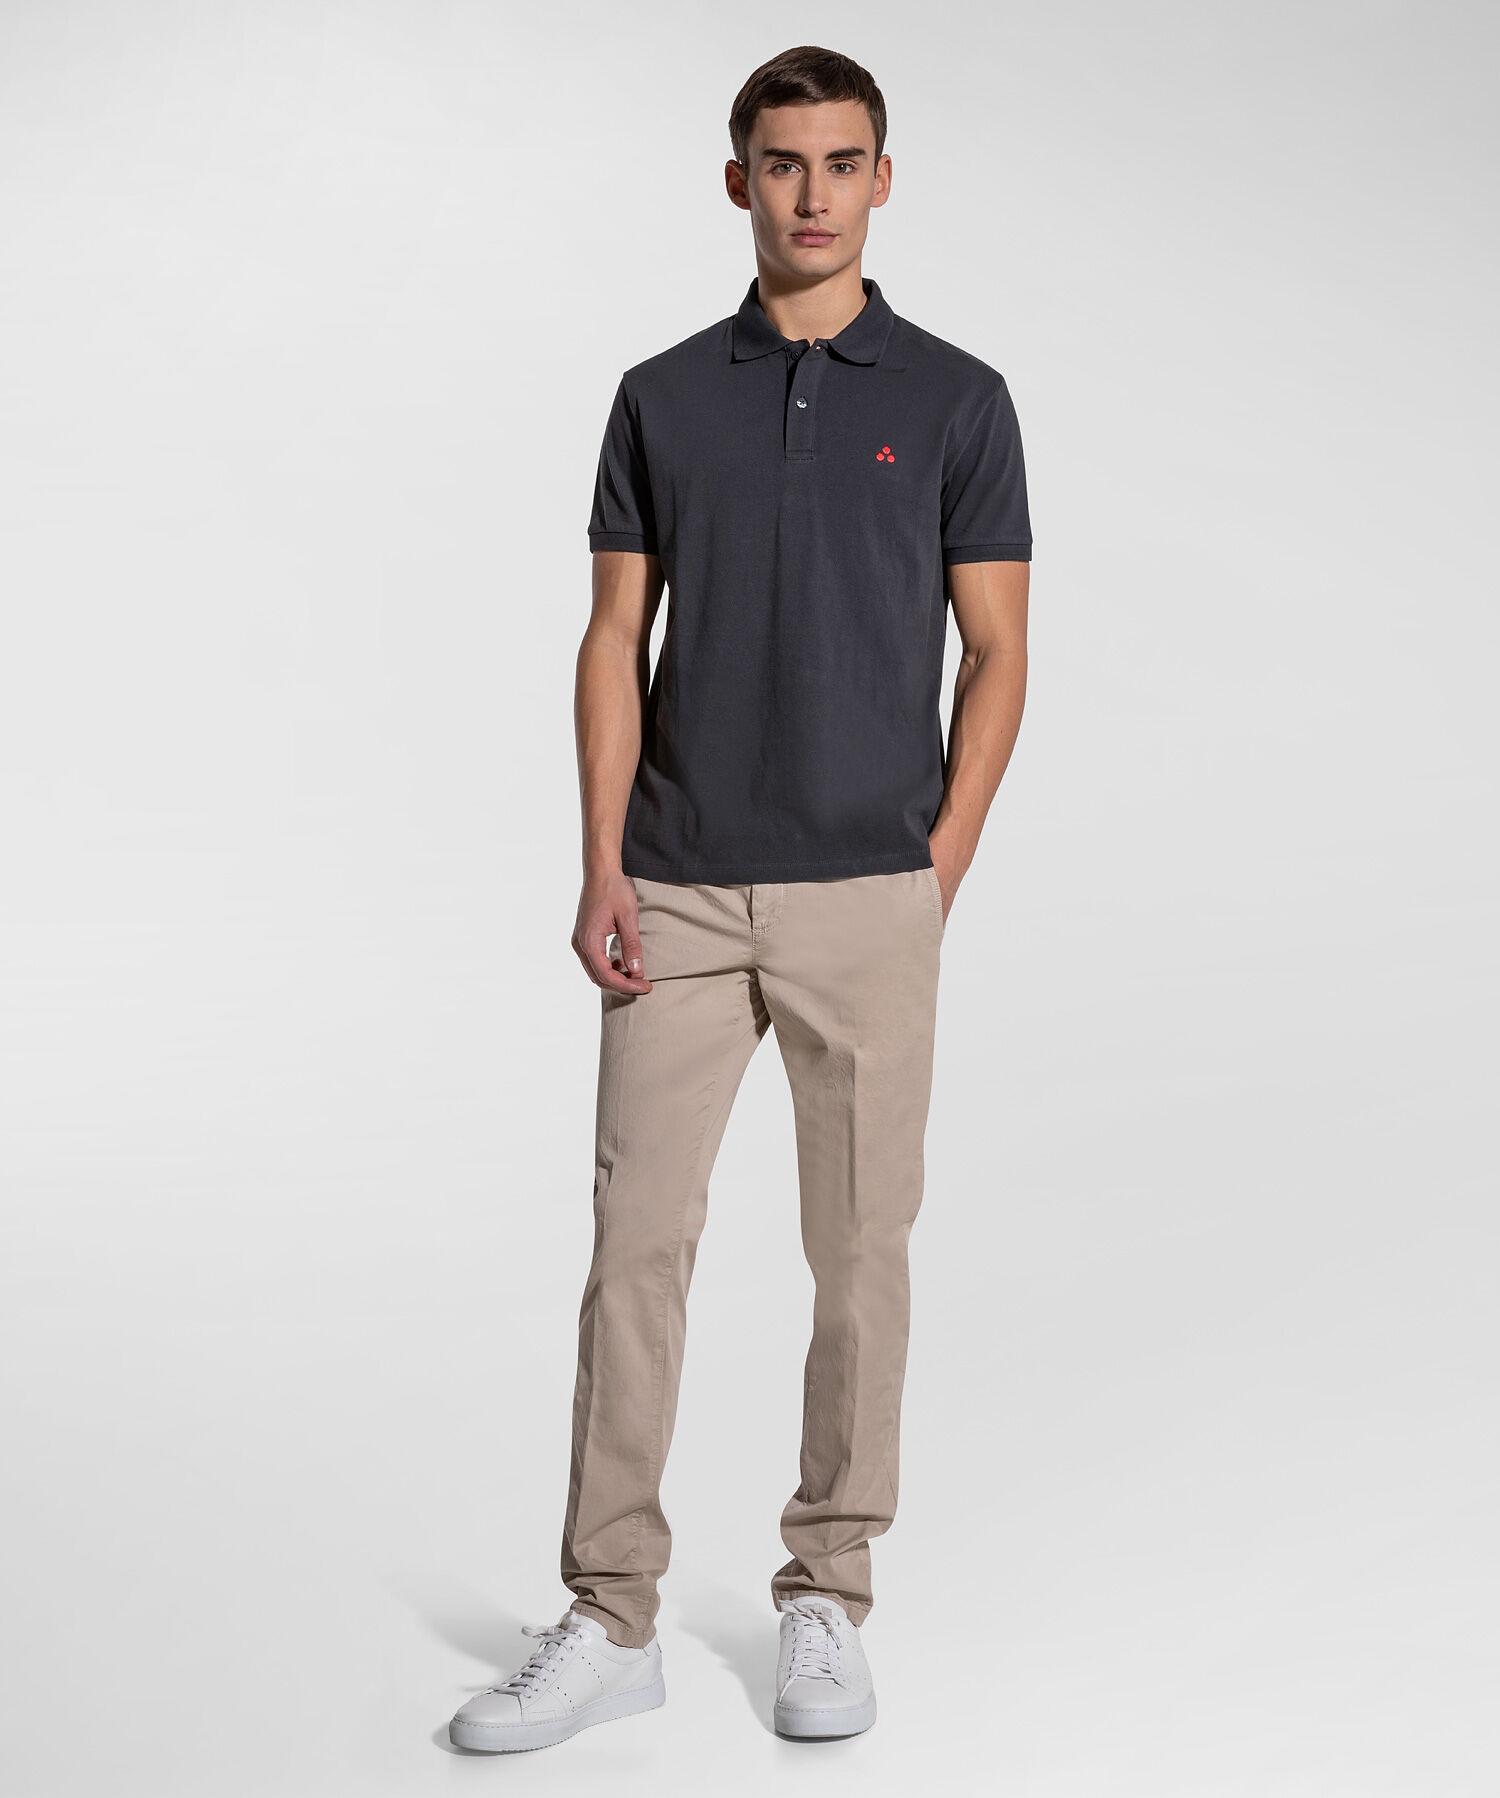 Cotton Piquet Polo Shirt - Peuterey